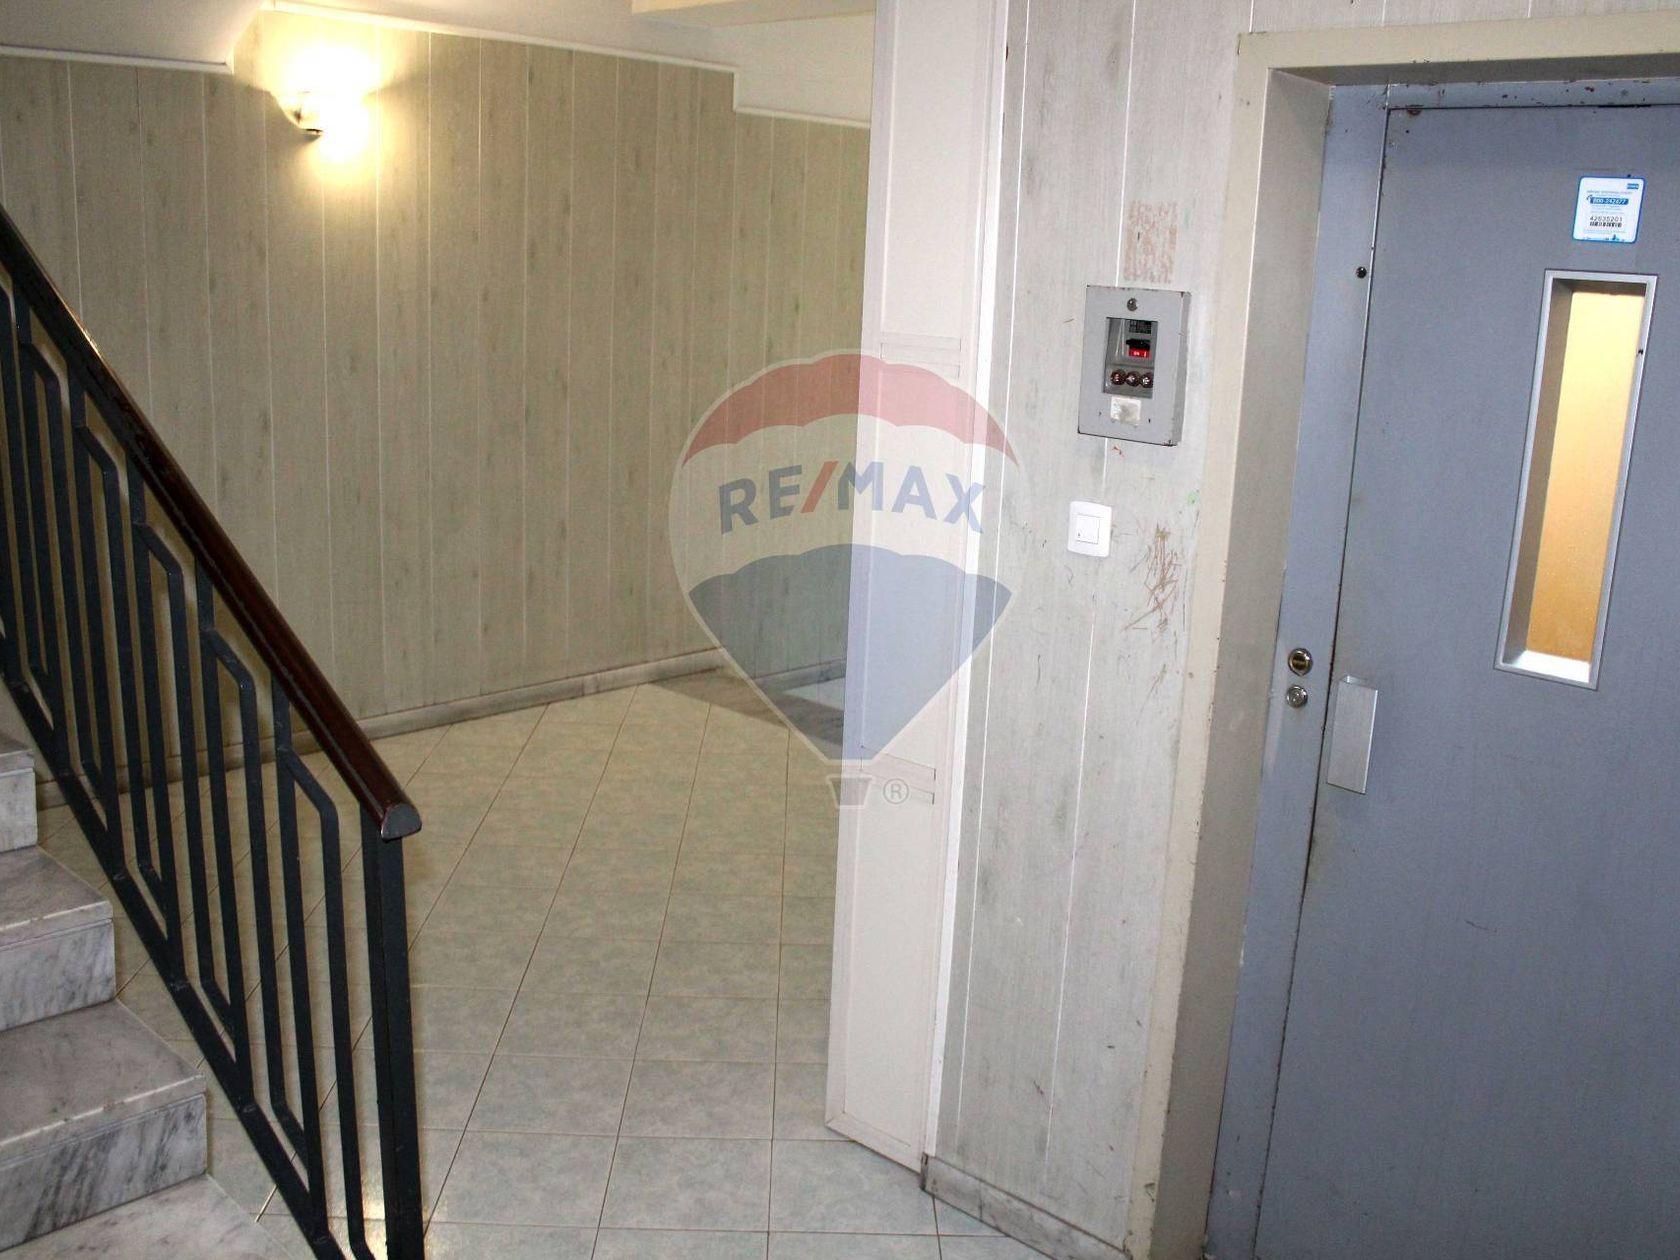 Appartamento Catania-san Leone,palermo,nesima,palestro, Catania, CT Vendita - Foto 4